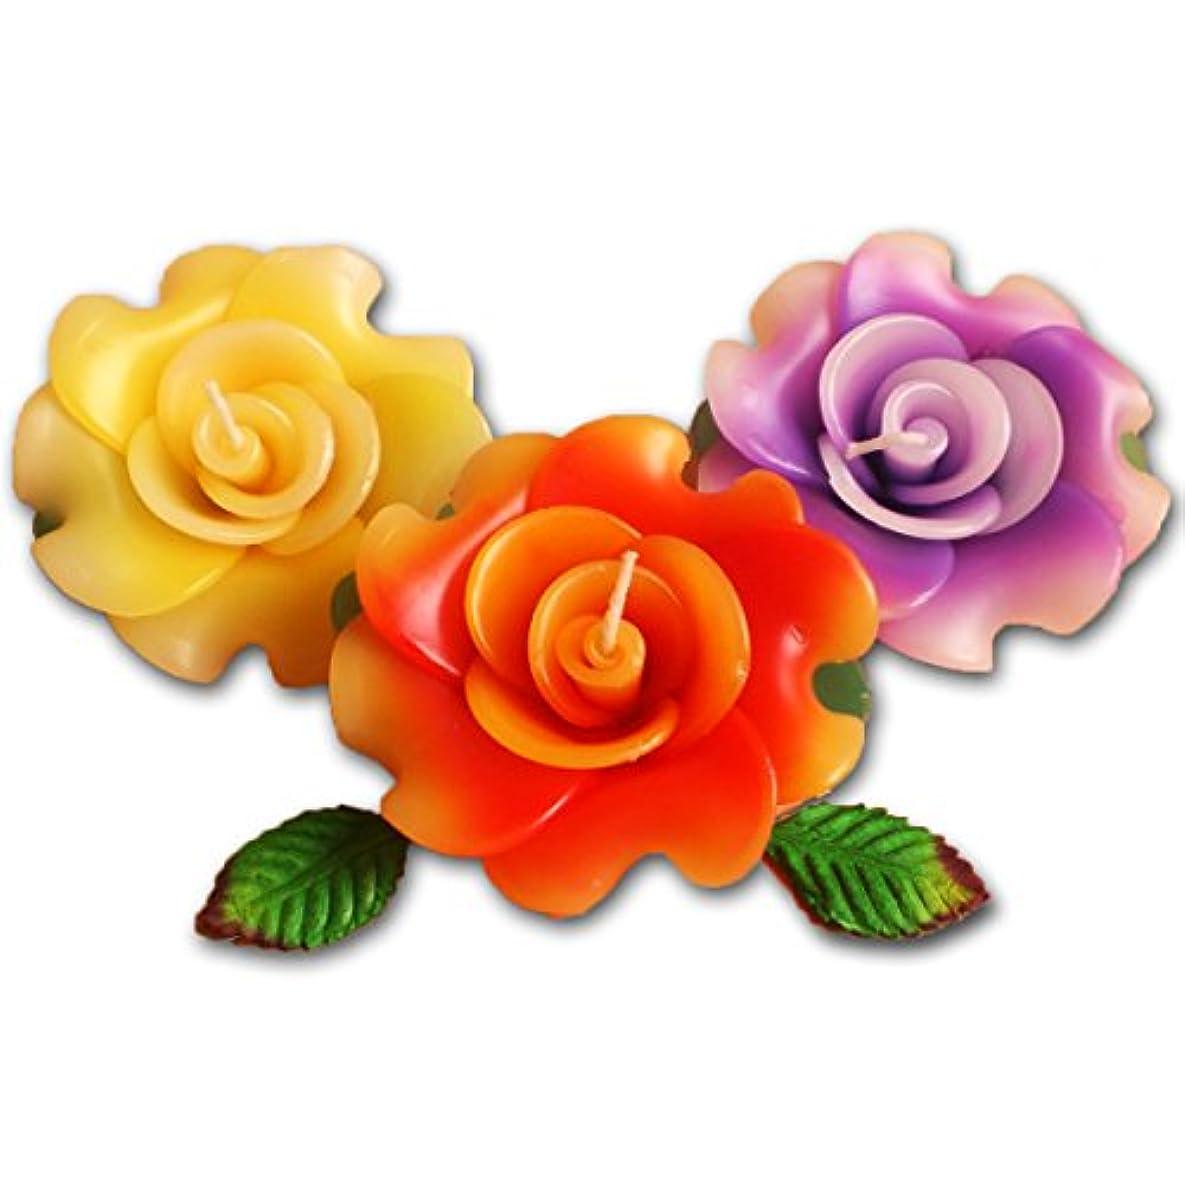 額死にかけている突然のフローティングキャンドル ローズ薔薇 12個入り アソート 香りつきアロマキャンドル 水に浮かぶ 退職ギフト 結婚式二次会プチギフト (12個入り)